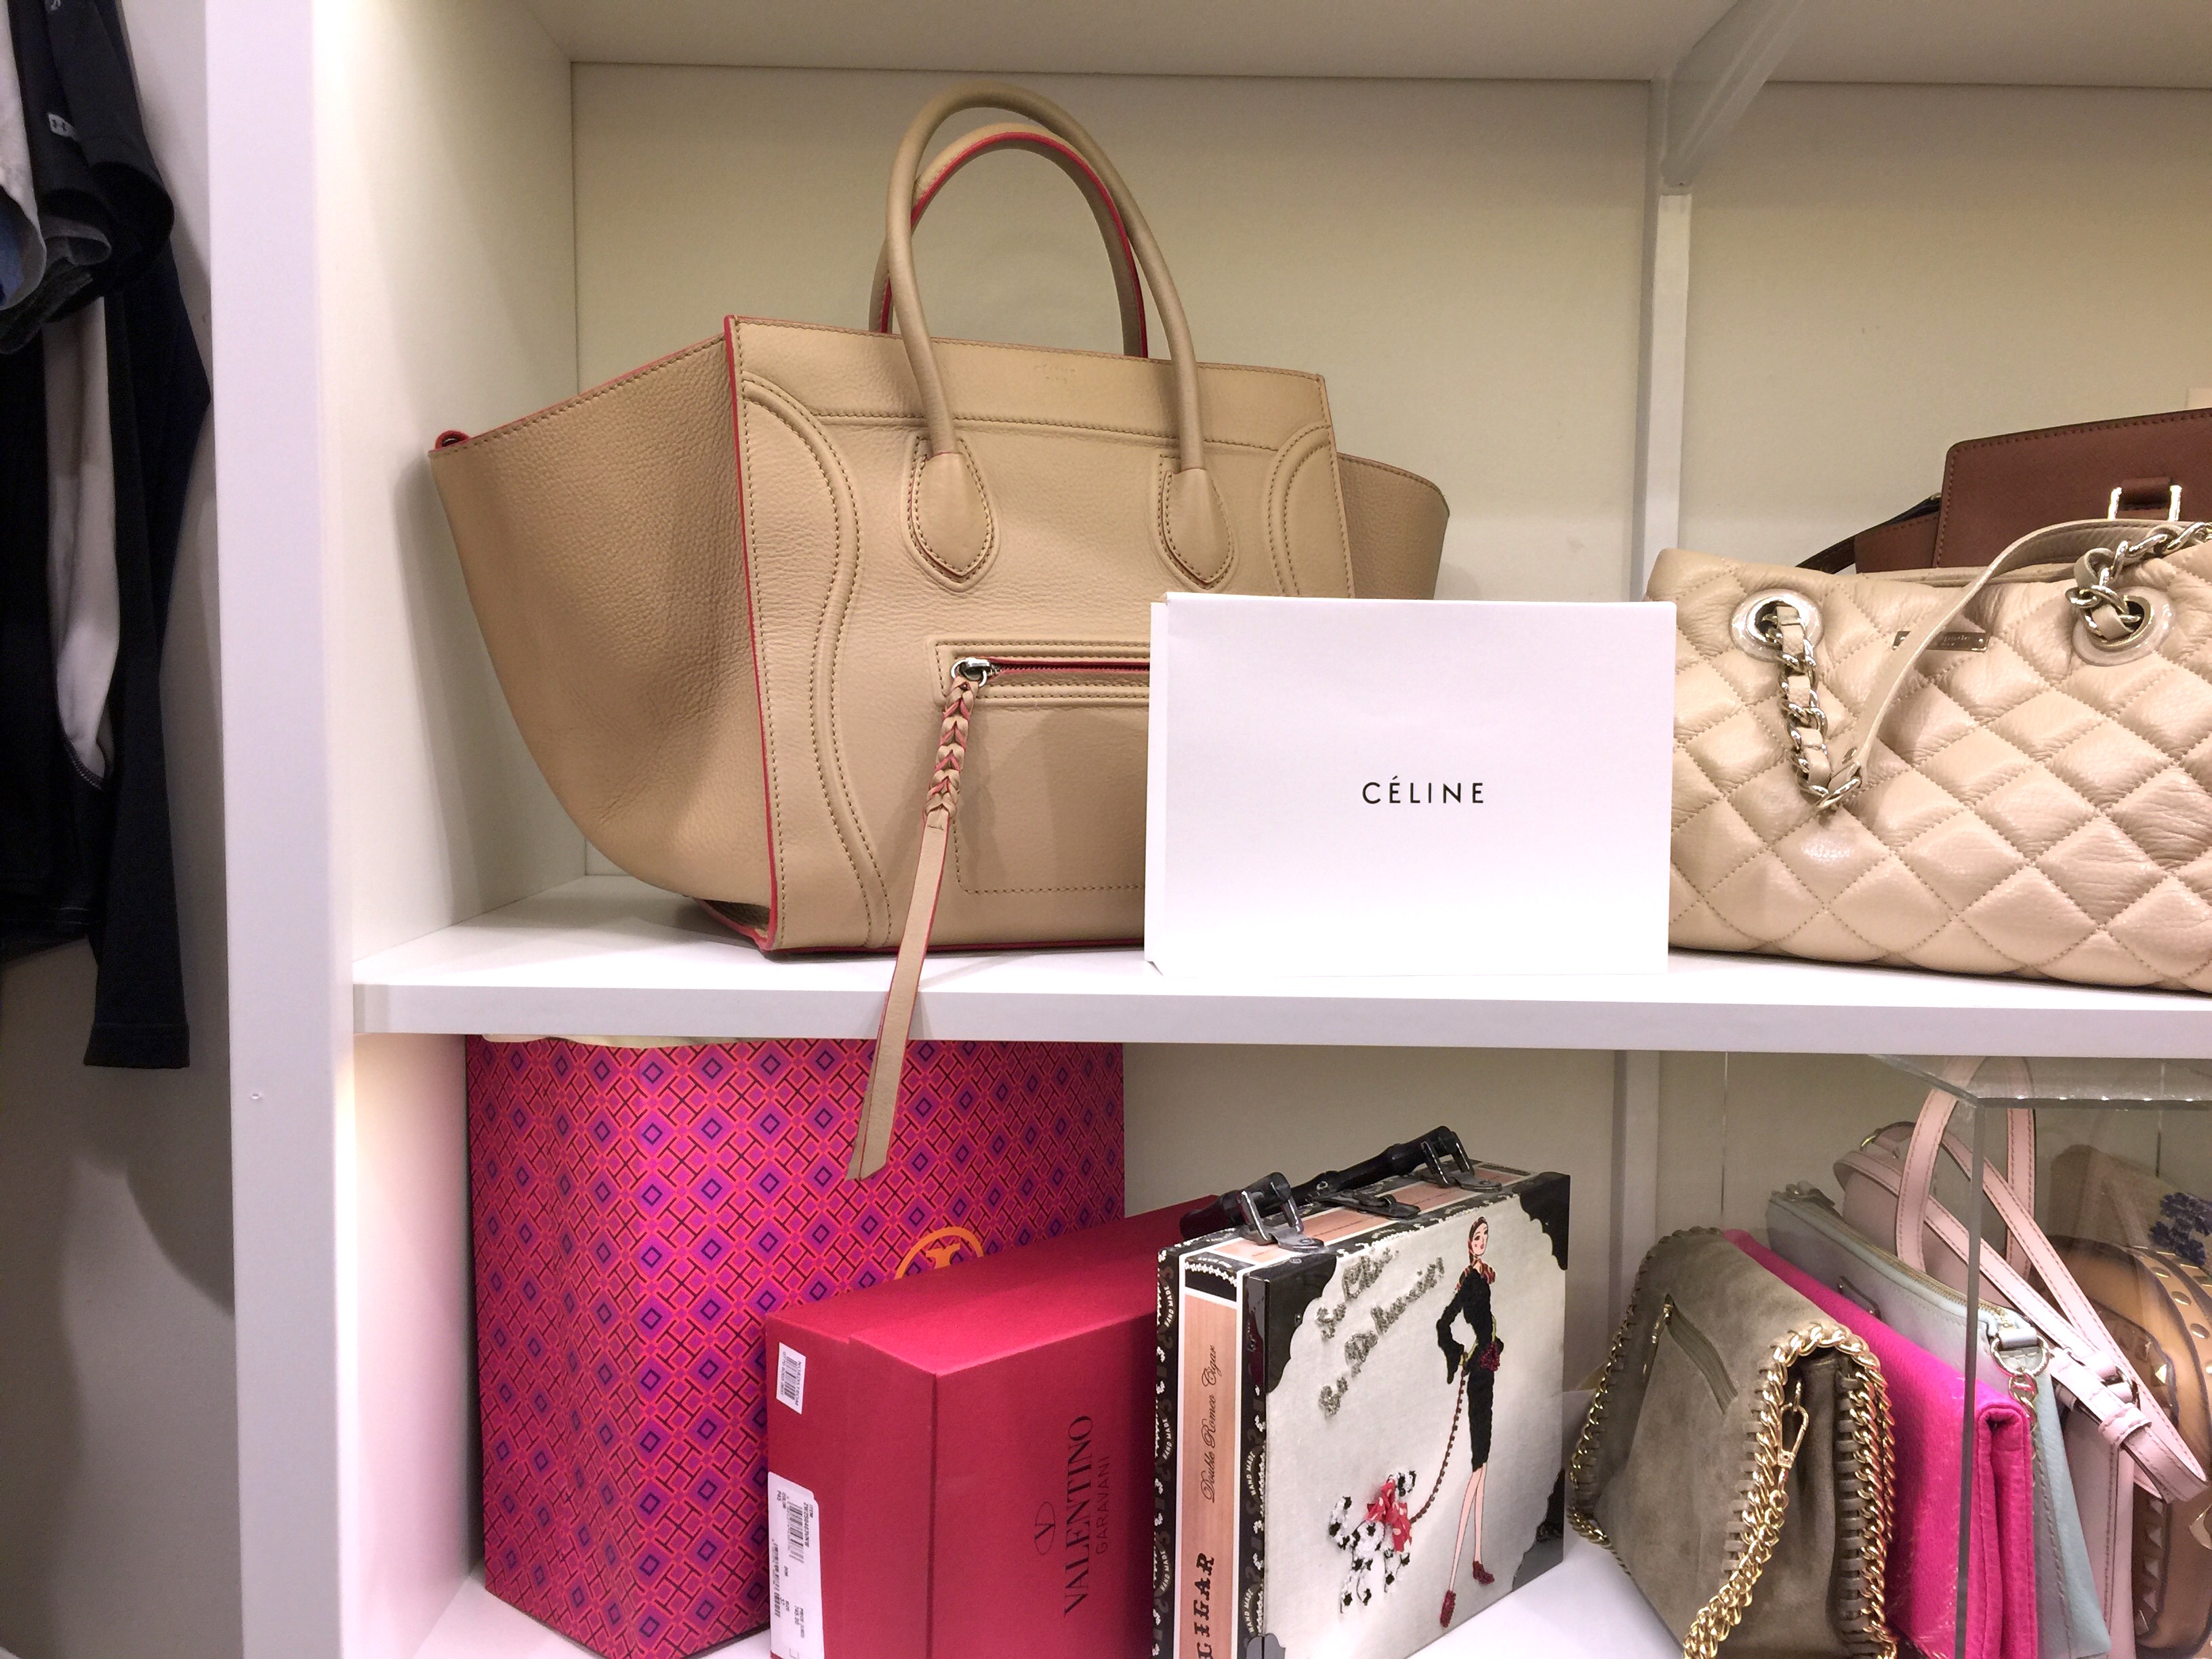 closet-reveal-3